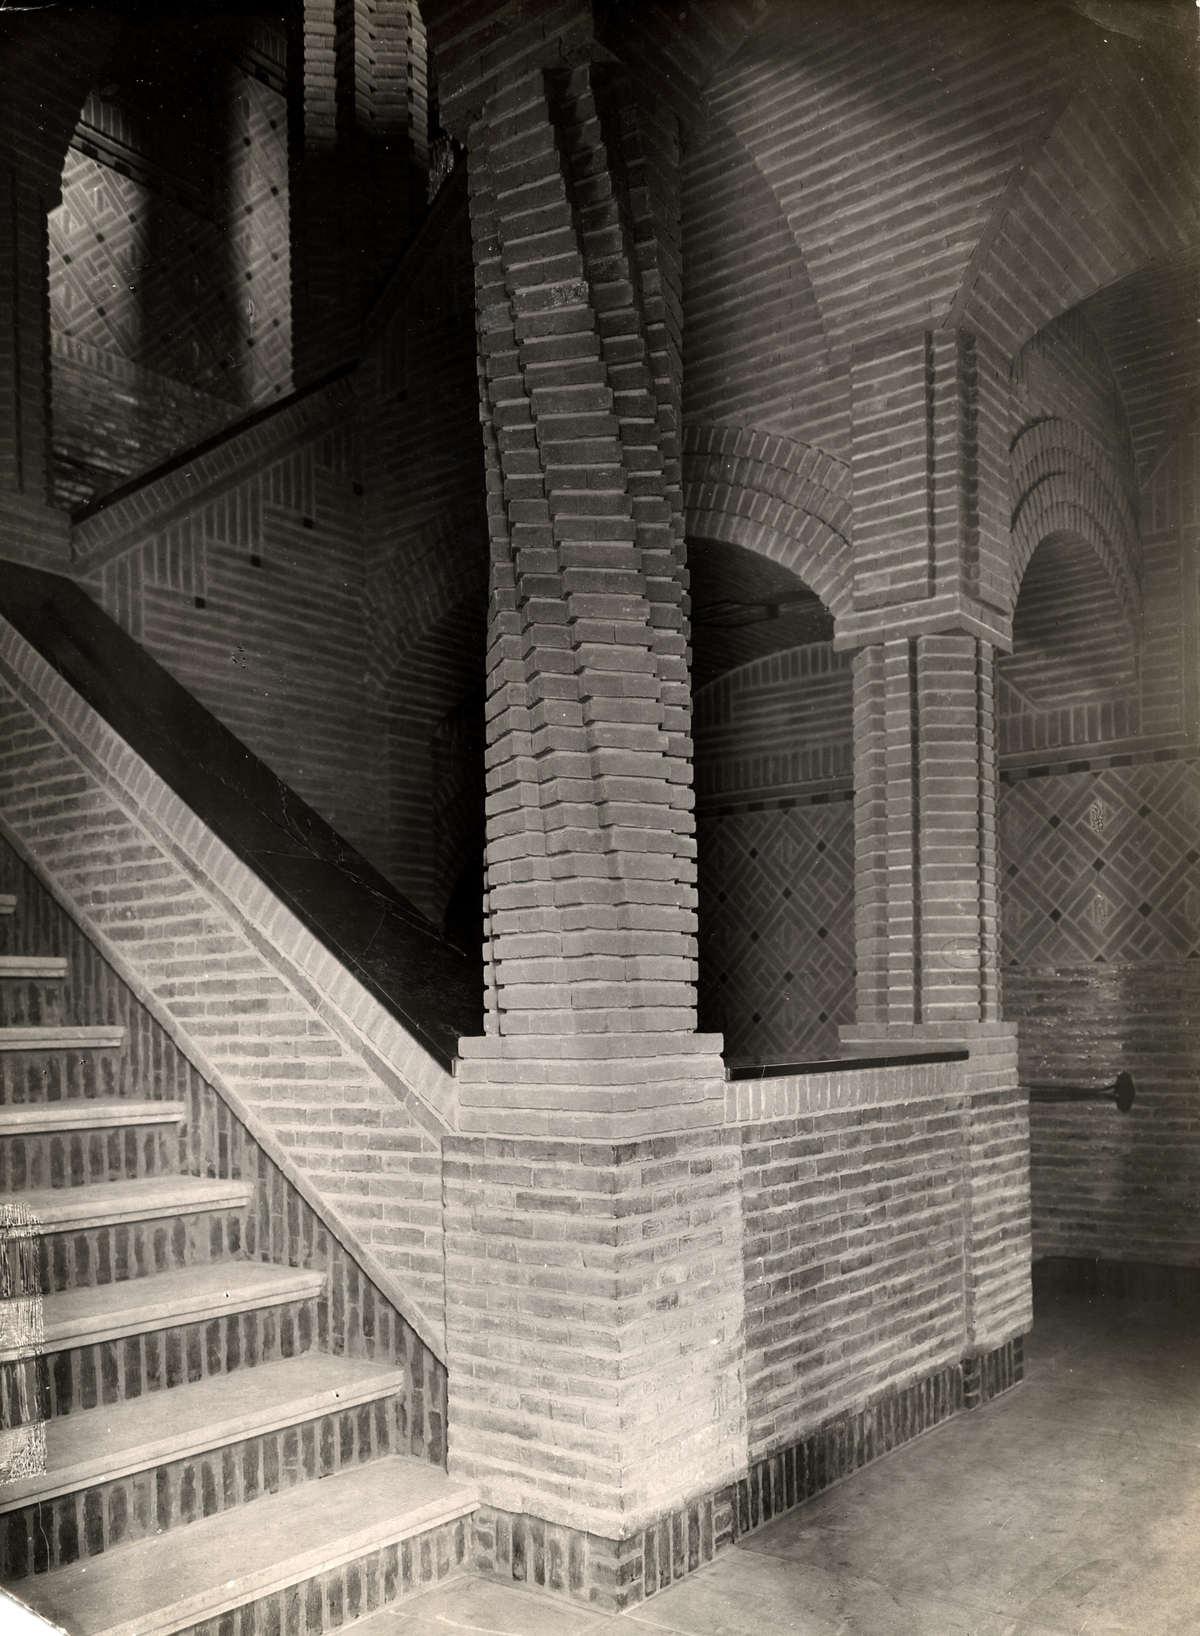 Arnhem nederland in het trappenhuis van de verzekerings mij arnhem is mooi metselwerk te - Vervoeren van een trappenhuis ...